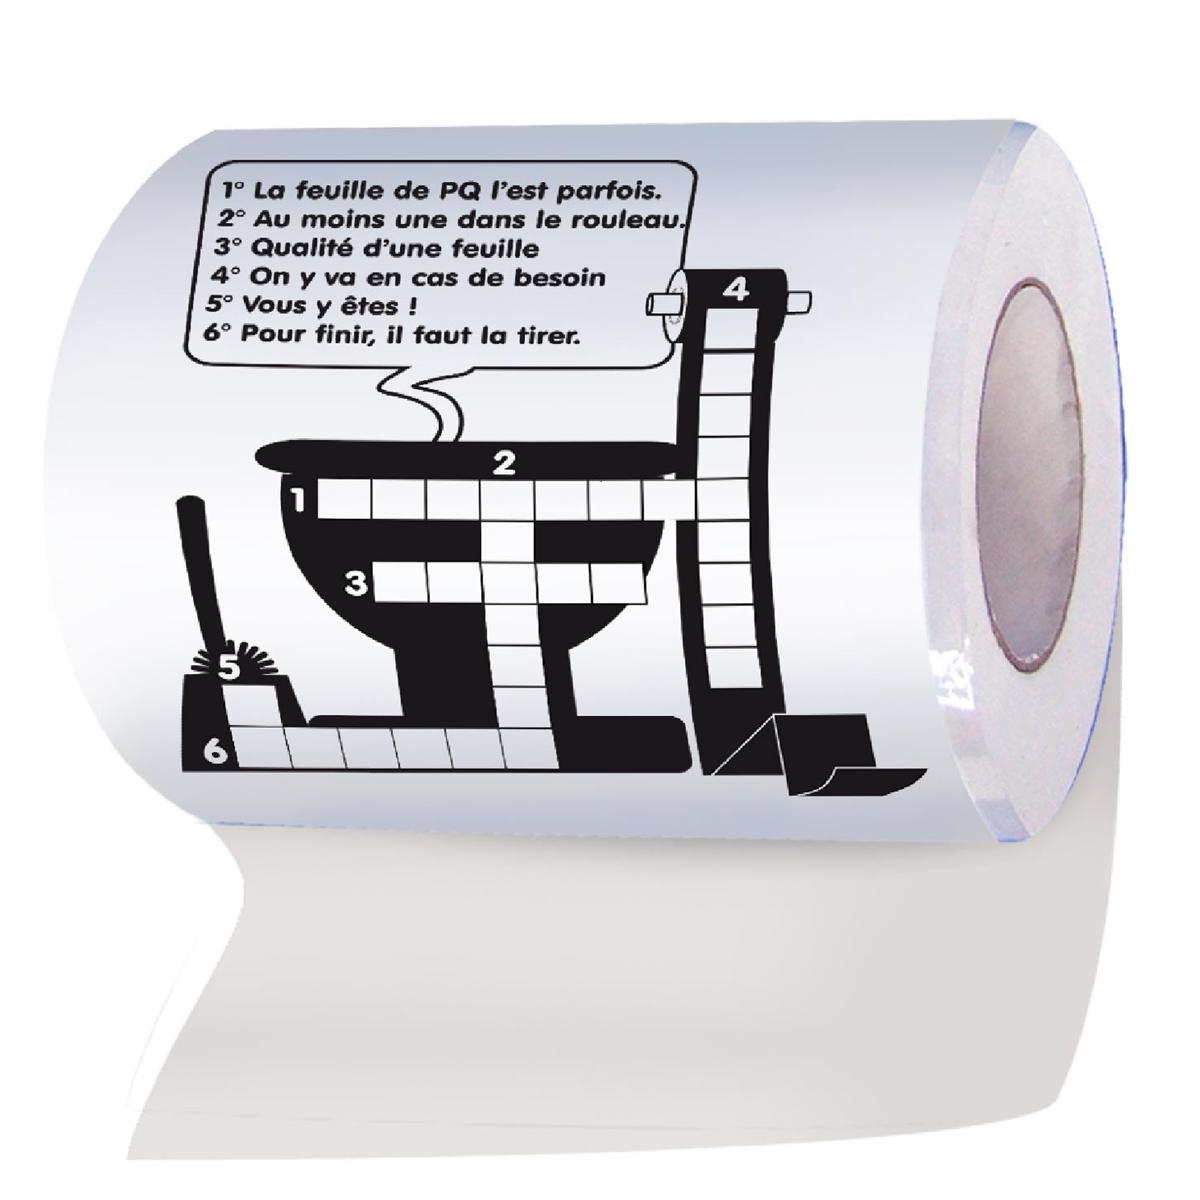 Rouleau WC \'Pour cette occasion \'  - [P8762]